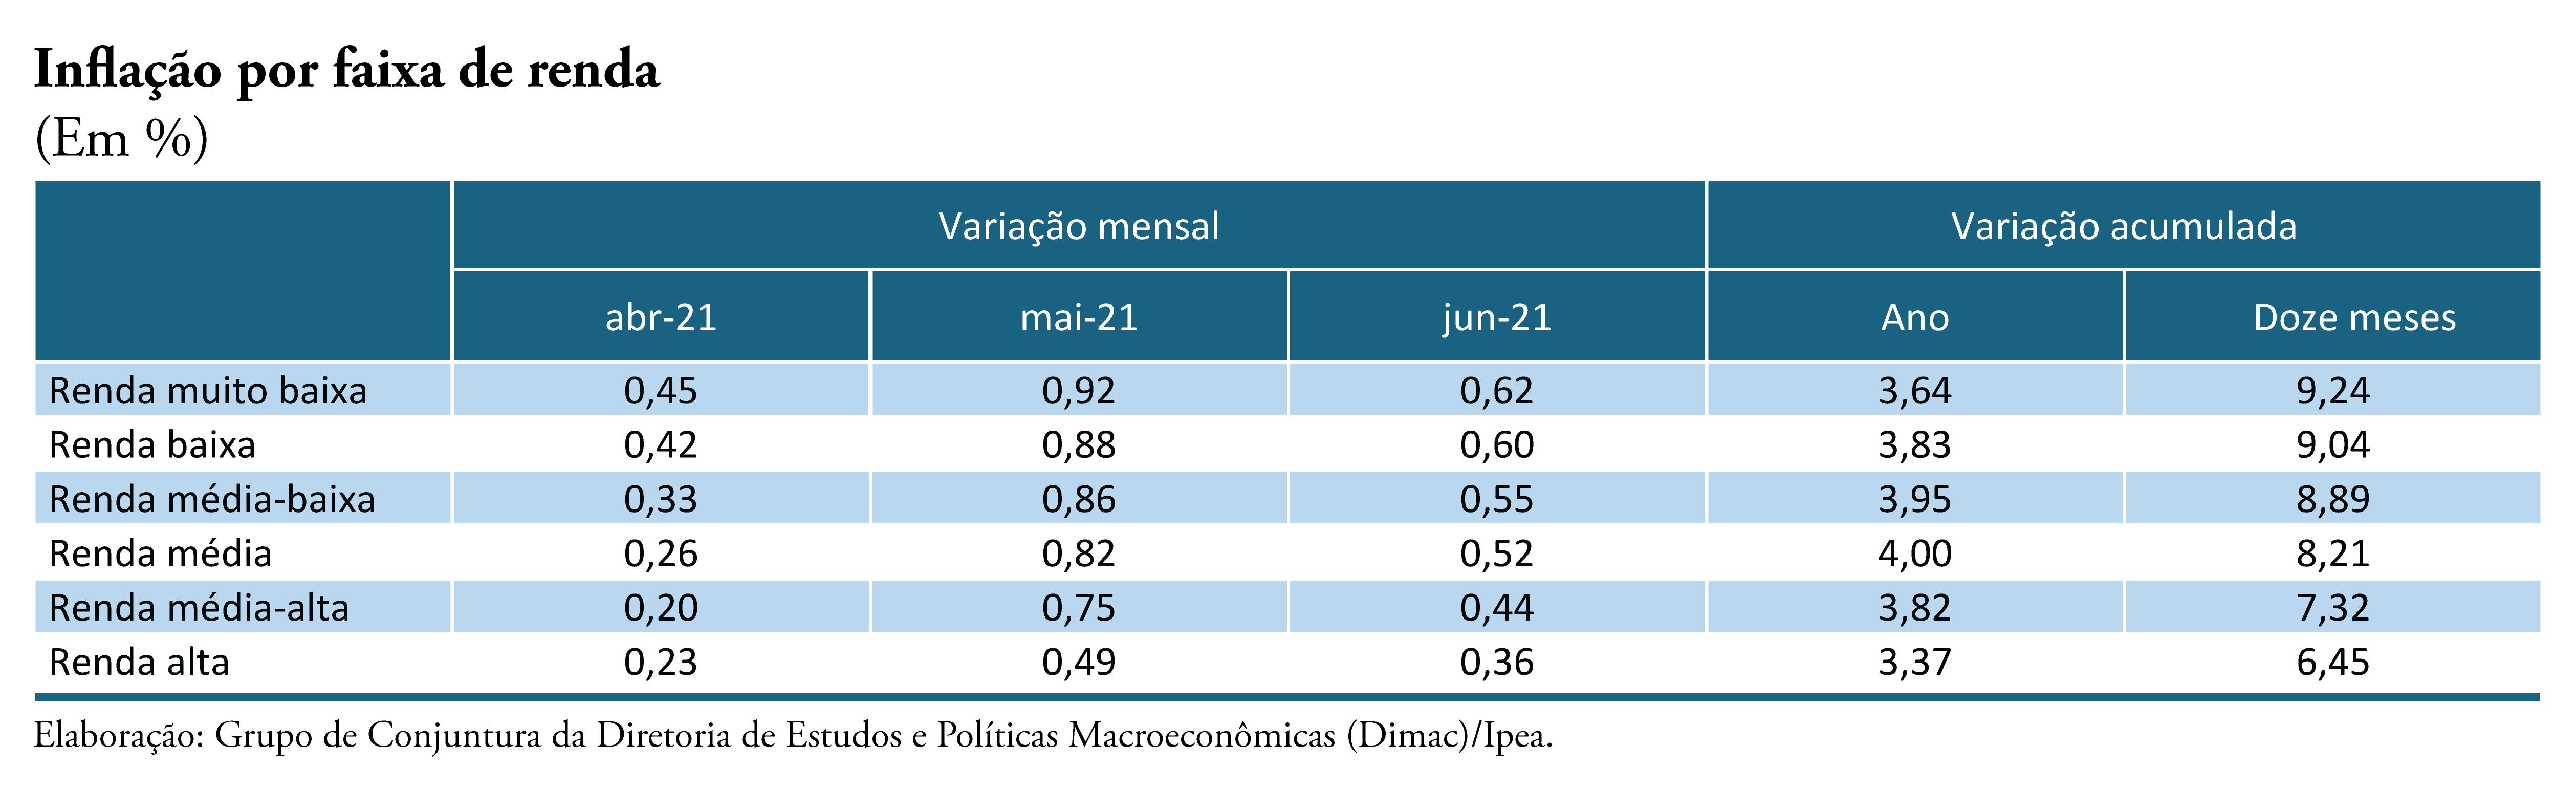 Inflação por faixa de renda – Junho/2021